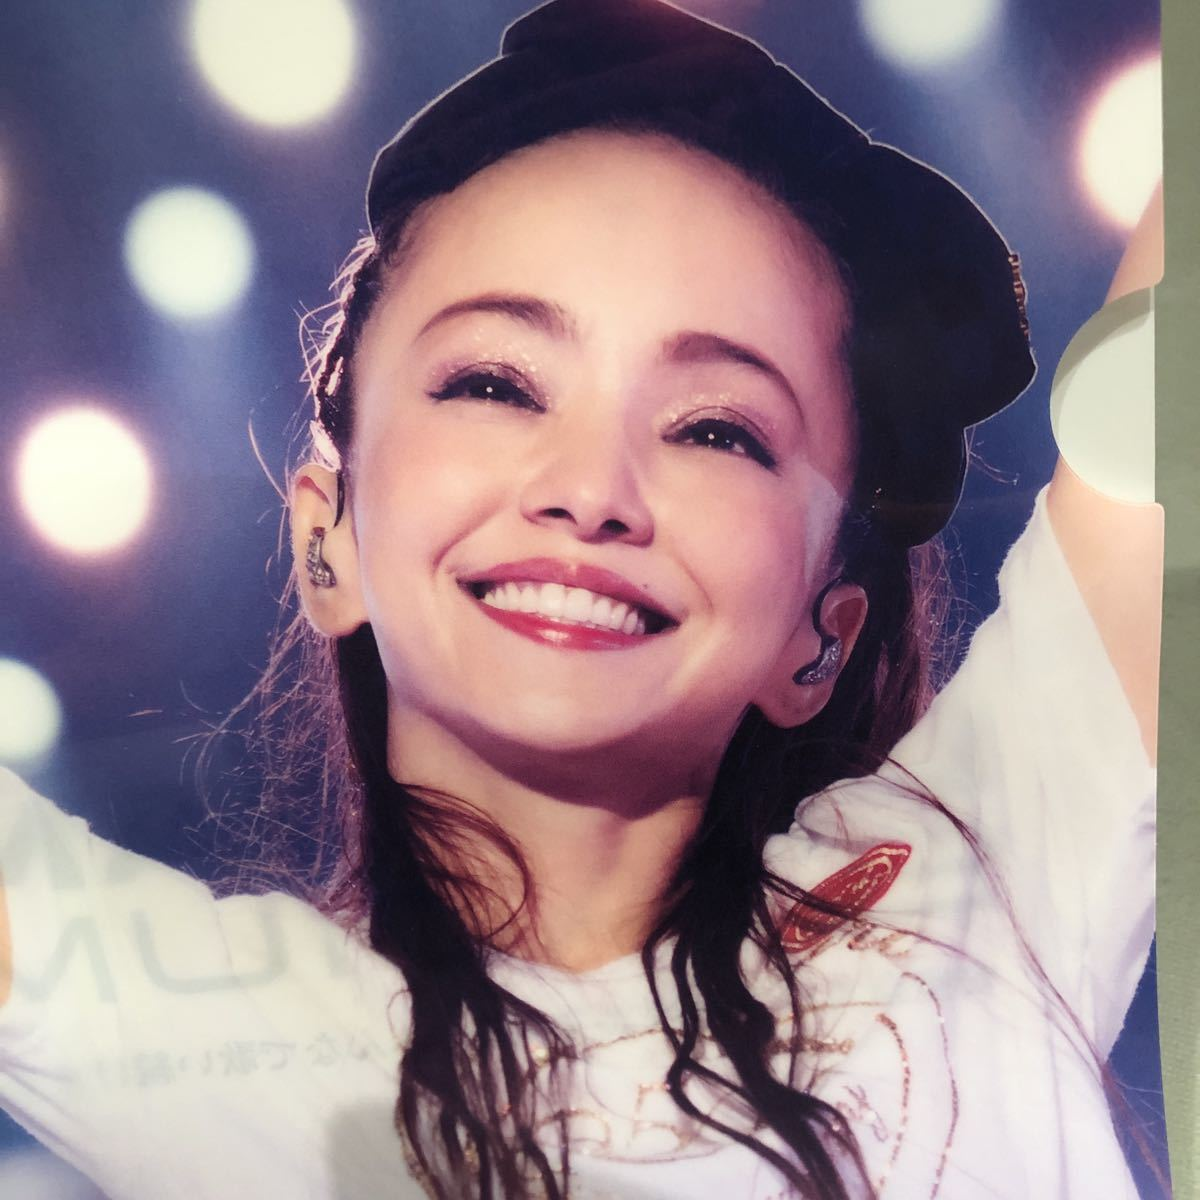 安室奈美恵さん クリアファイル_画像3